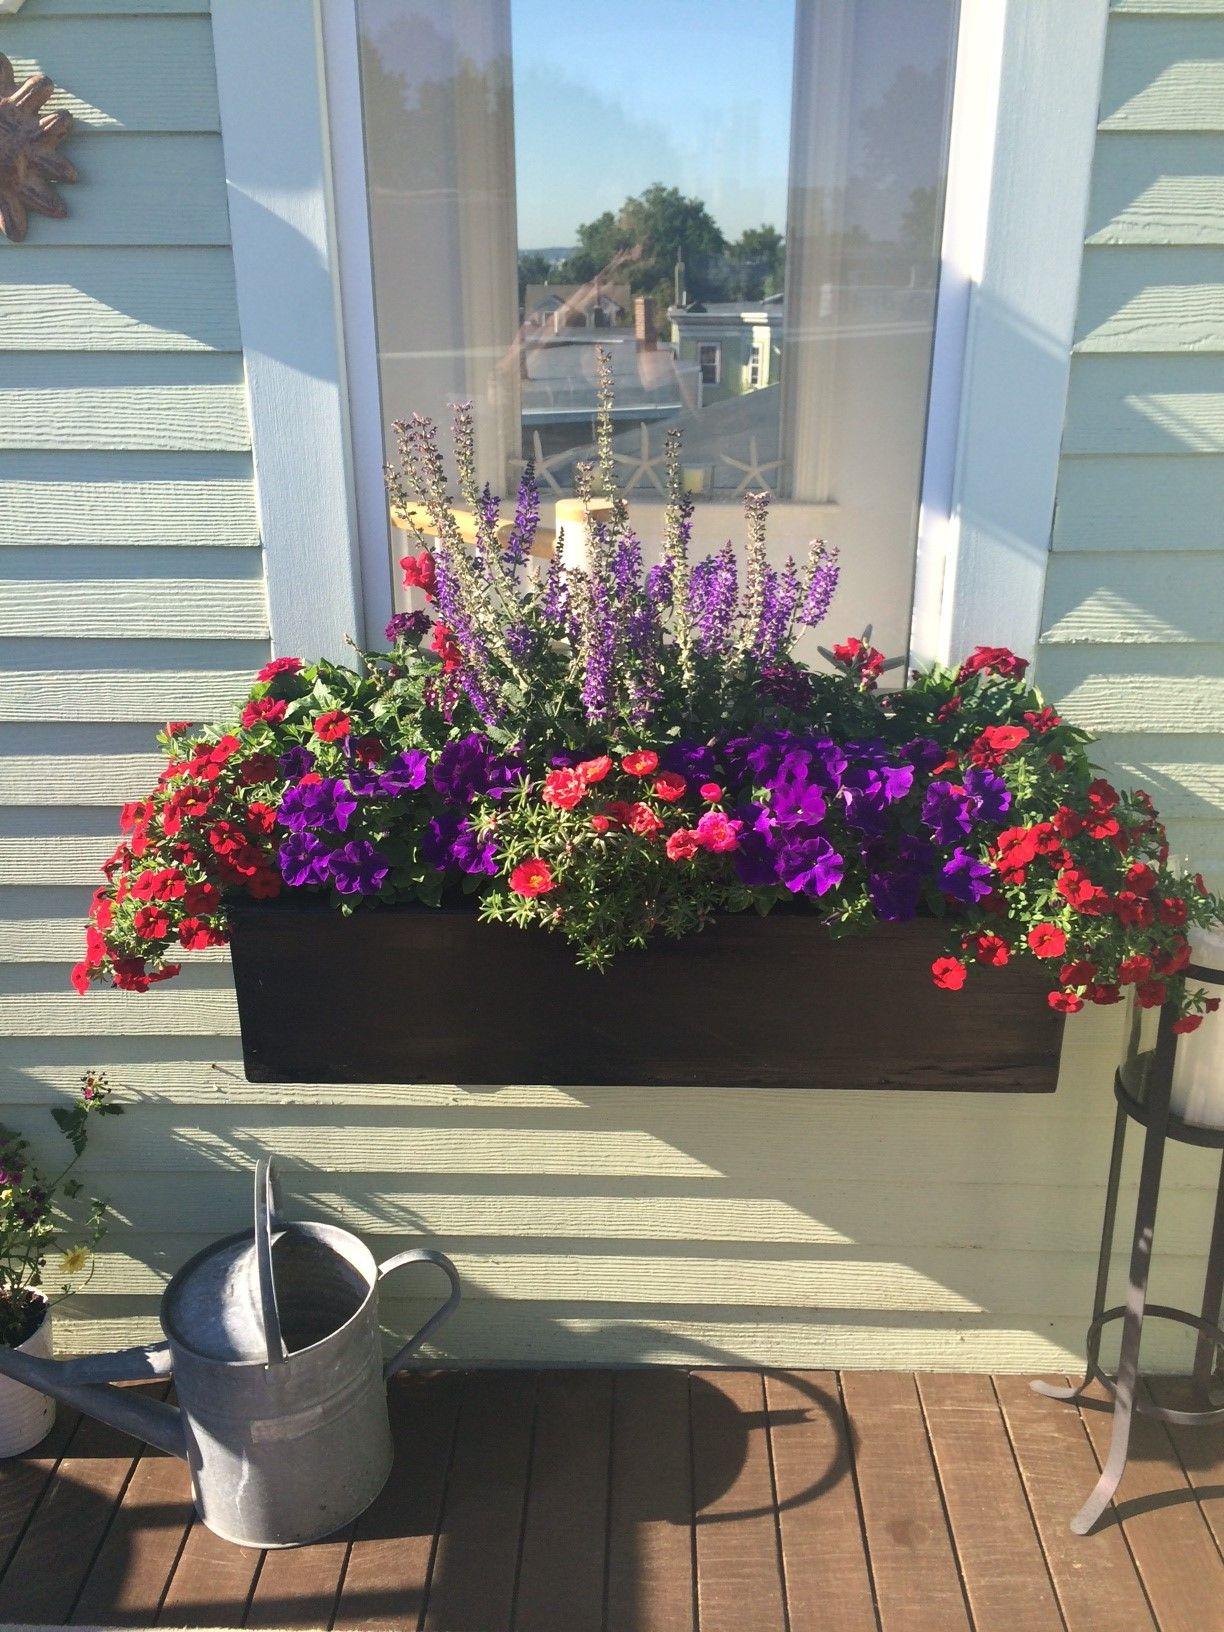 Best Plants For Deck Planters